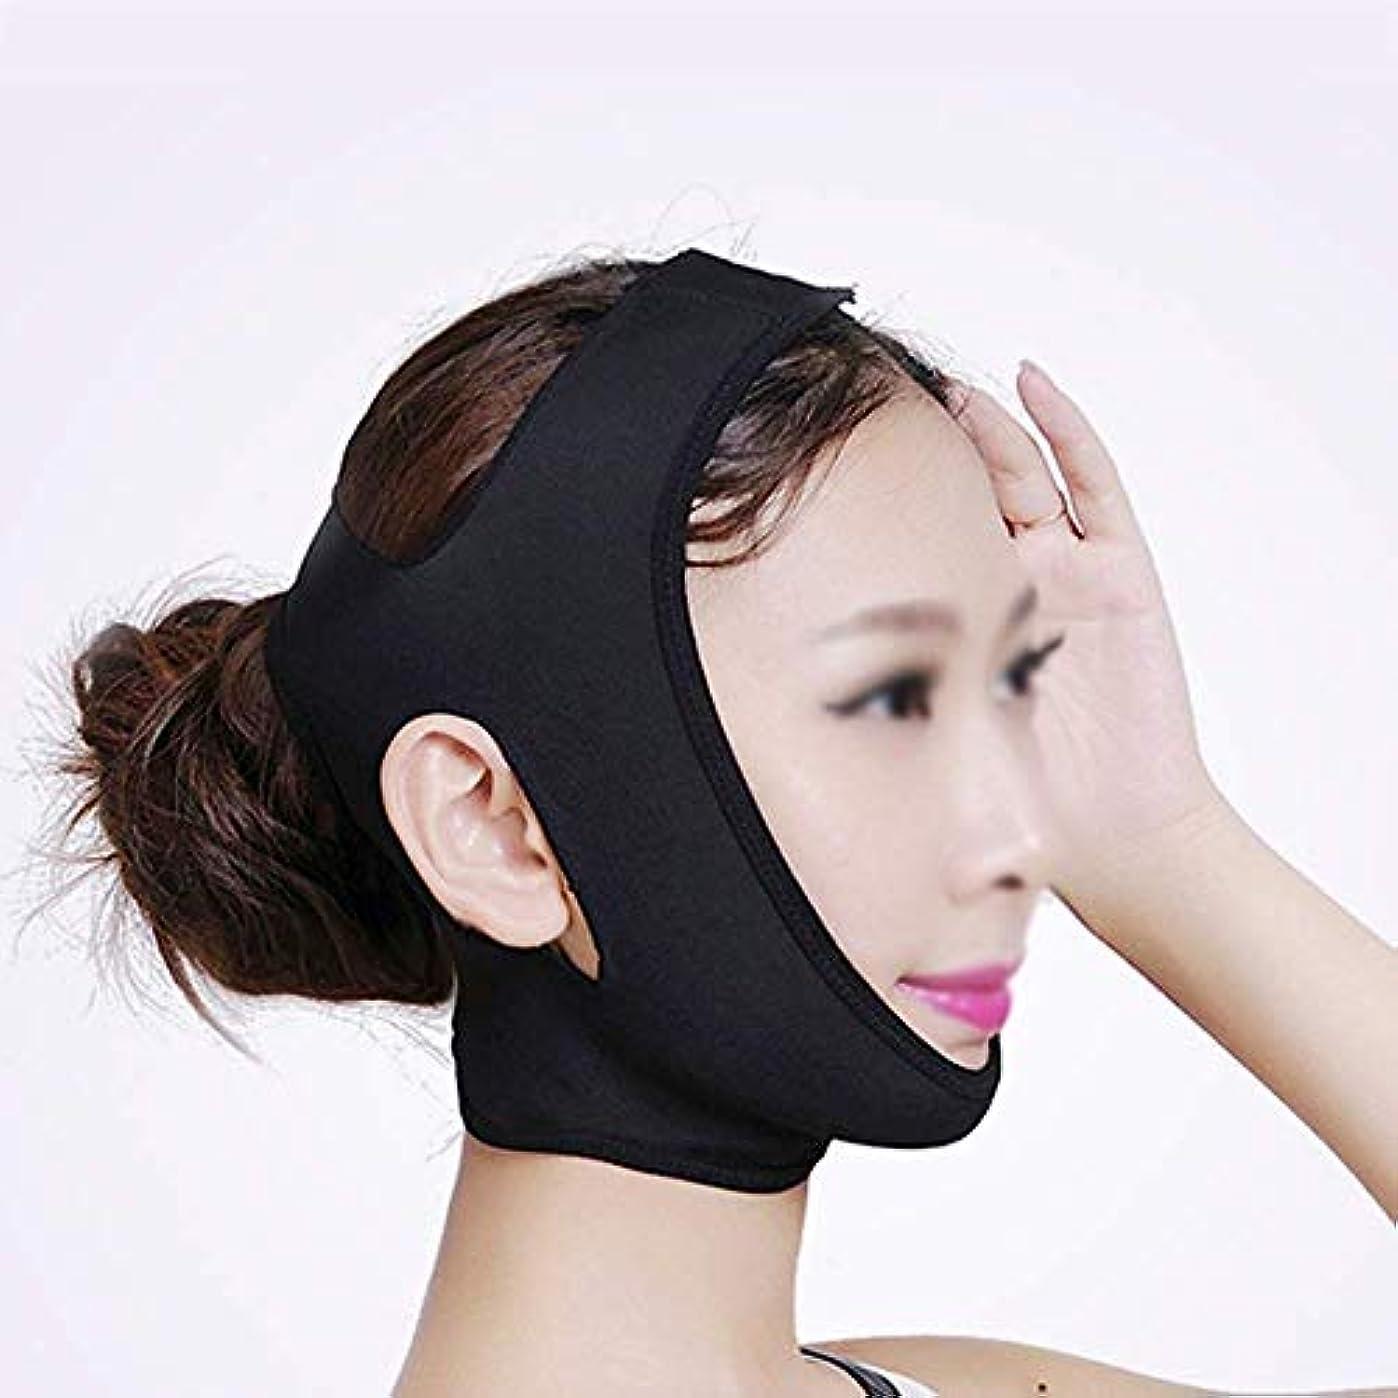 ラビリンス歯イディオムフェイシャル減量マスクリフティングフェイス、フェイスマスク、減量包帯を除去するためのダブルチン、フェイシャルリフティング包帯、ダブルチンを減らすためのリフティングベルト(カラー:ブラック、サイズ:M),黒、L